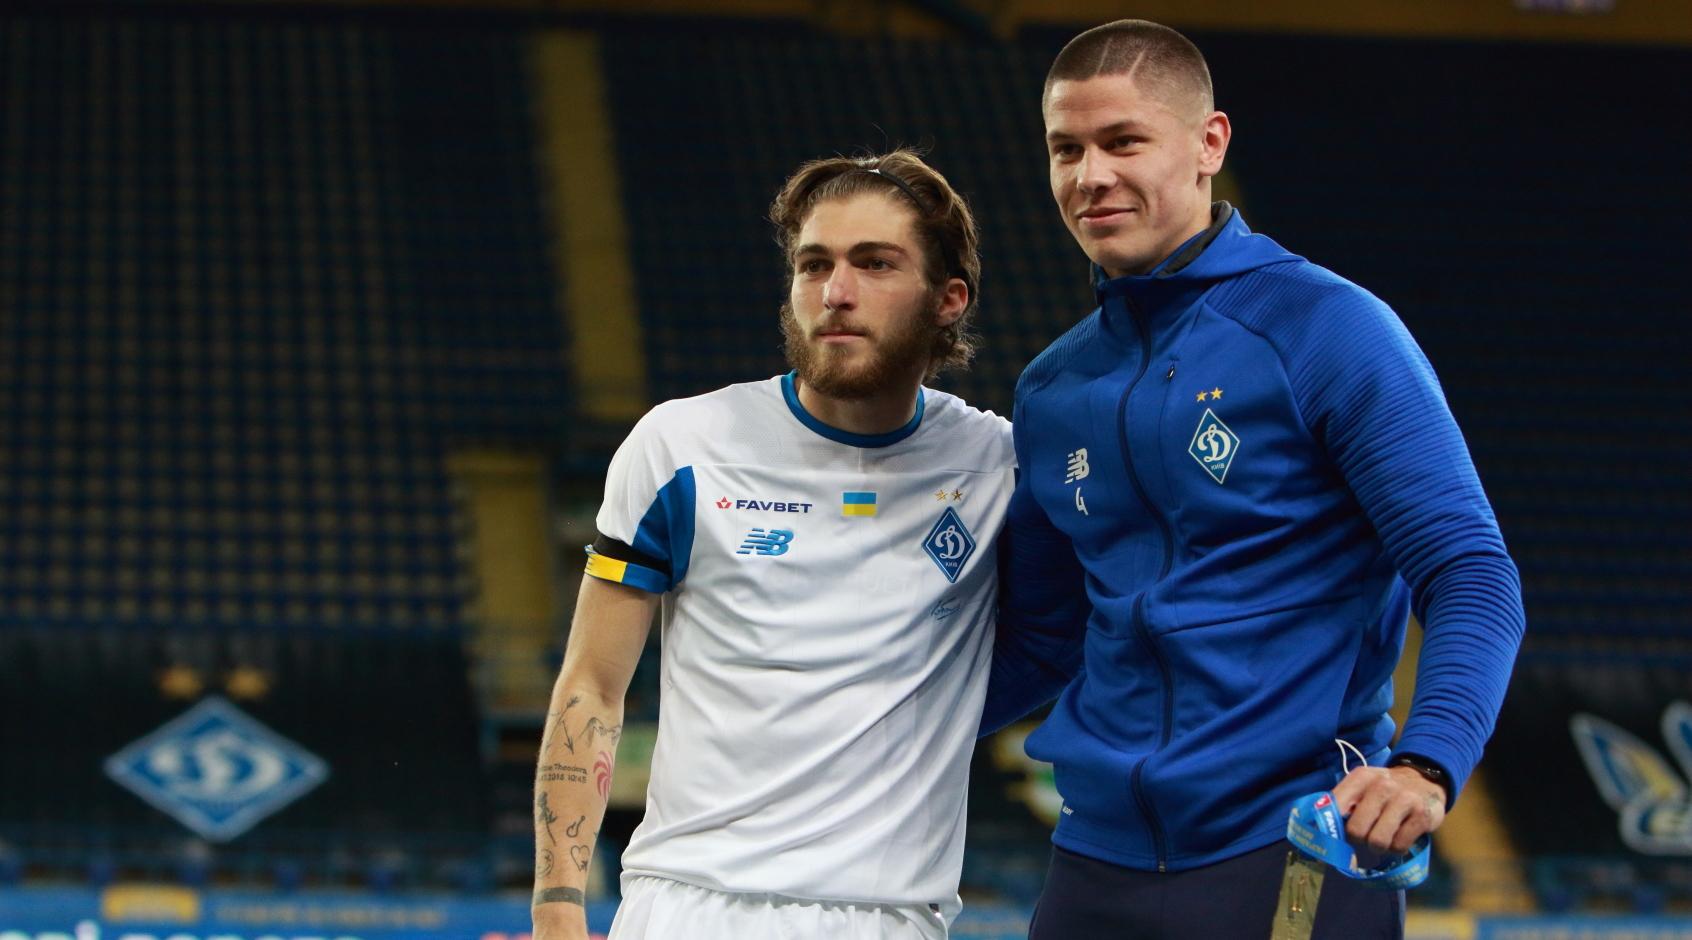 Молодые таланты УПЛ, или кто раскрылся в минувшем сезоне чемпионата Украины: часть первая - изображение 6